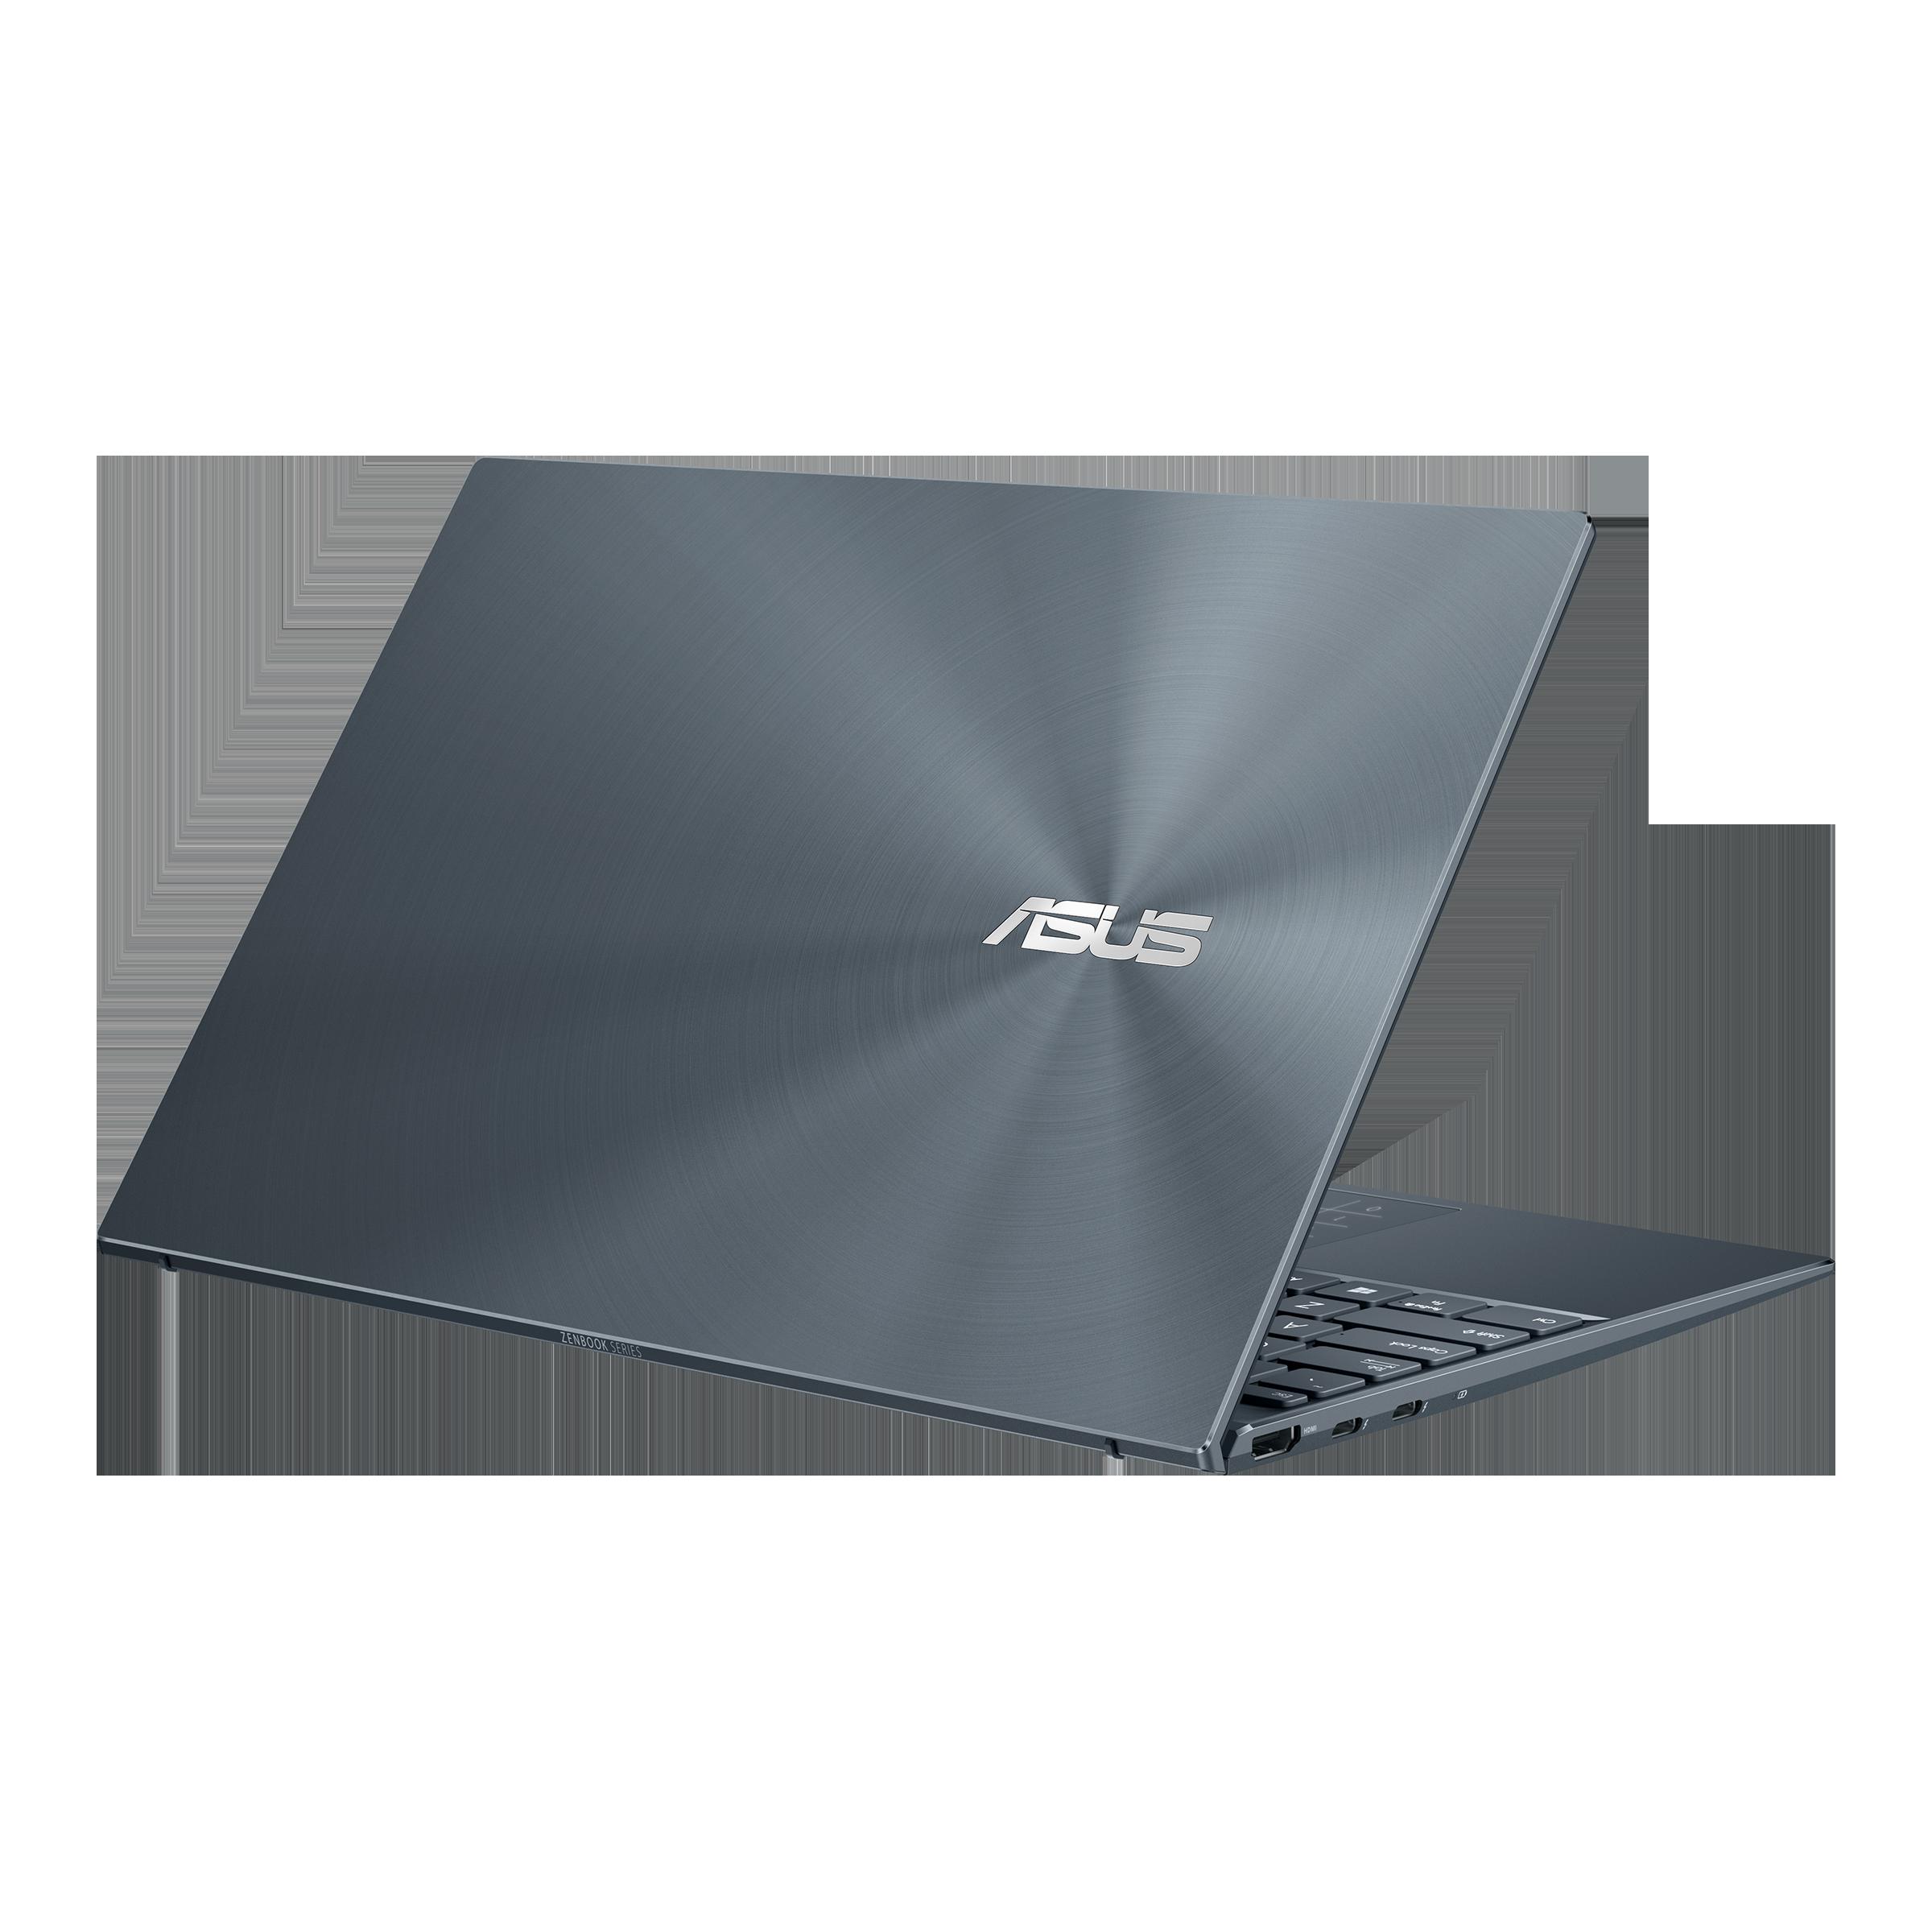 Notebook Asus Zenbook 14 UX425EA-BM004T Intel Core i5 1135G7 8Gb SSD 512Gb 14